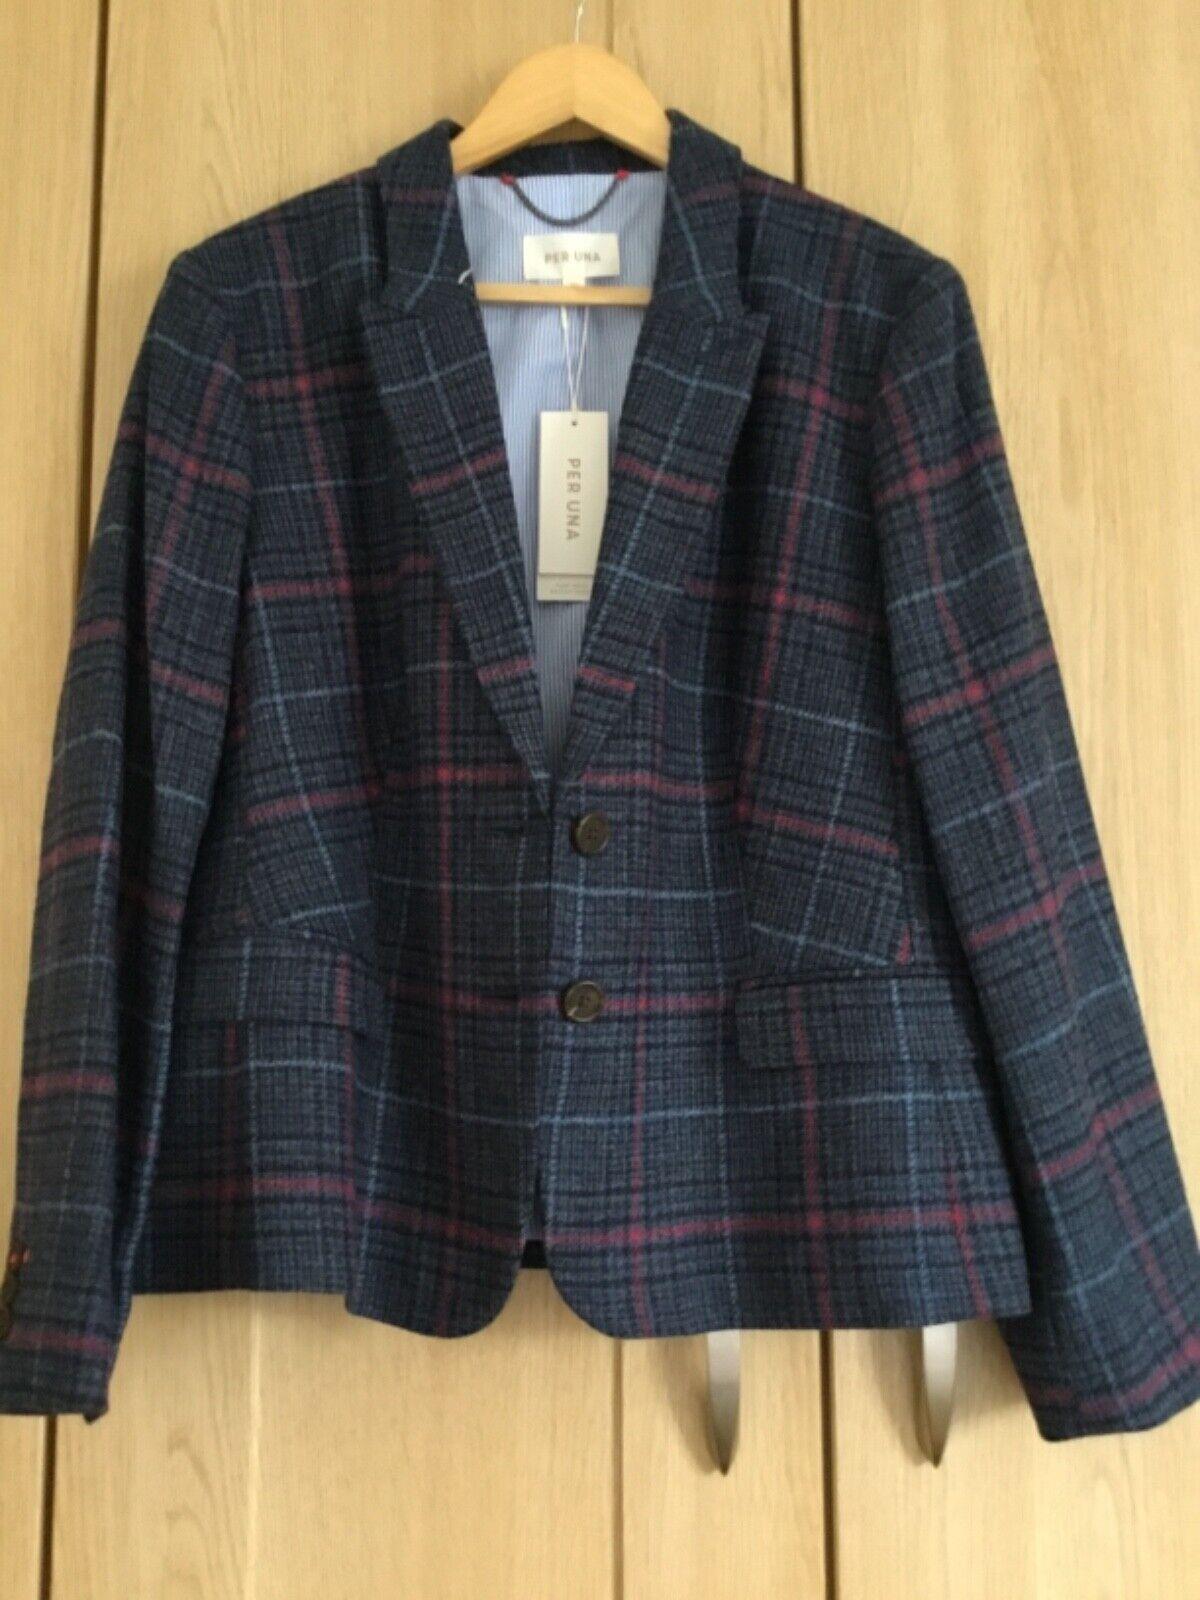 Per una blue tartan lined pure wool jacket size 20 New